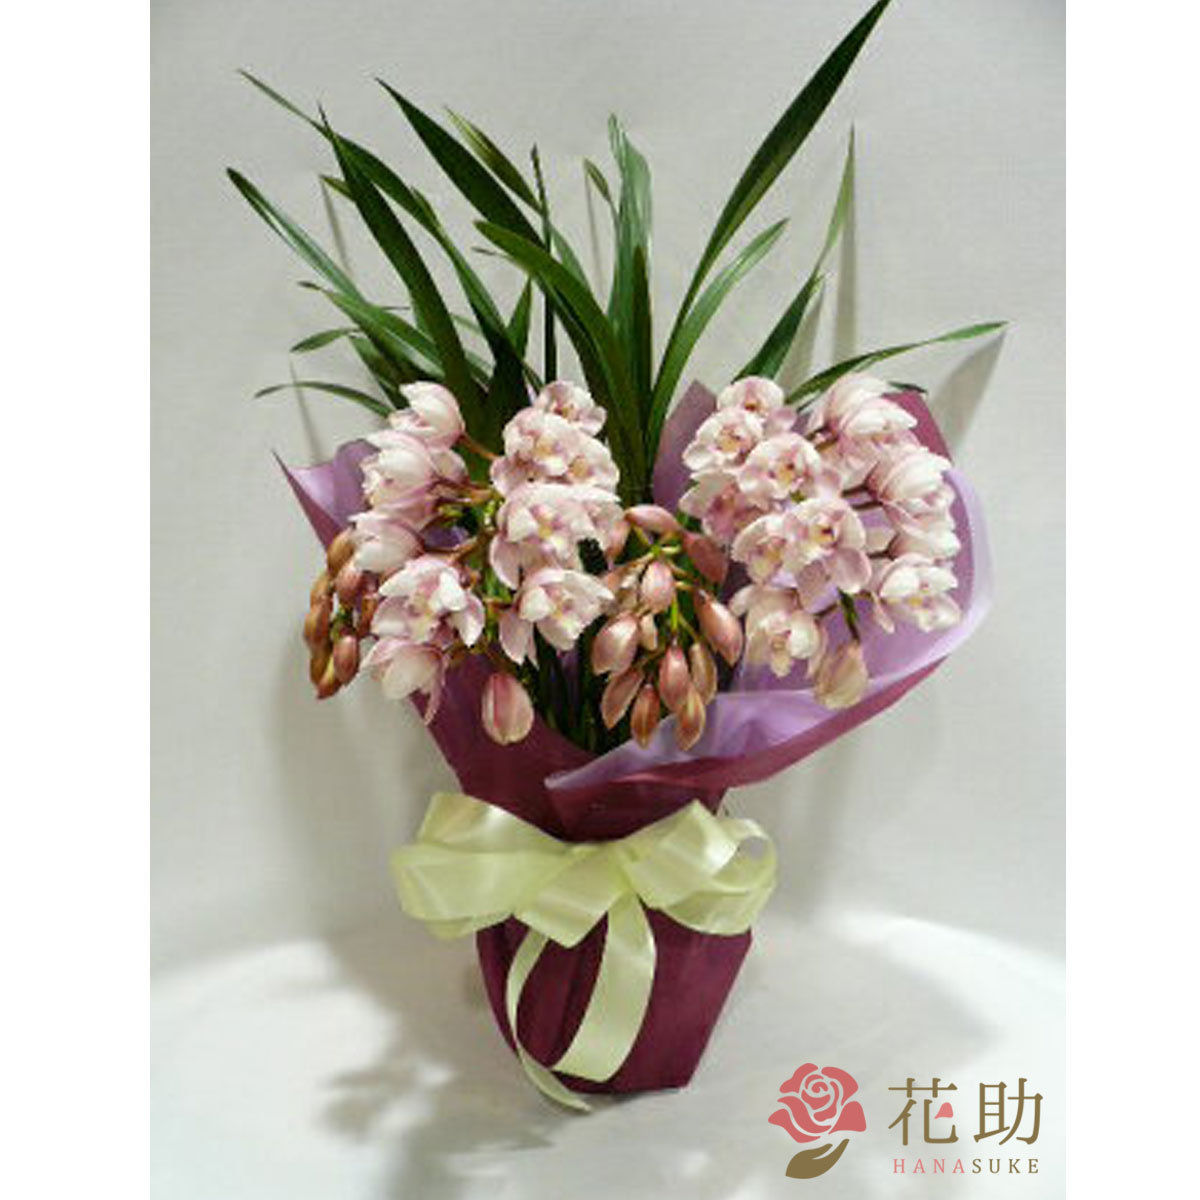 【鉢花】フラワーコンシェルジュが厳選した花屋の季節の花鉢 送料無料 10000円 【あす楽】【楽ギフ_メッセ入力】